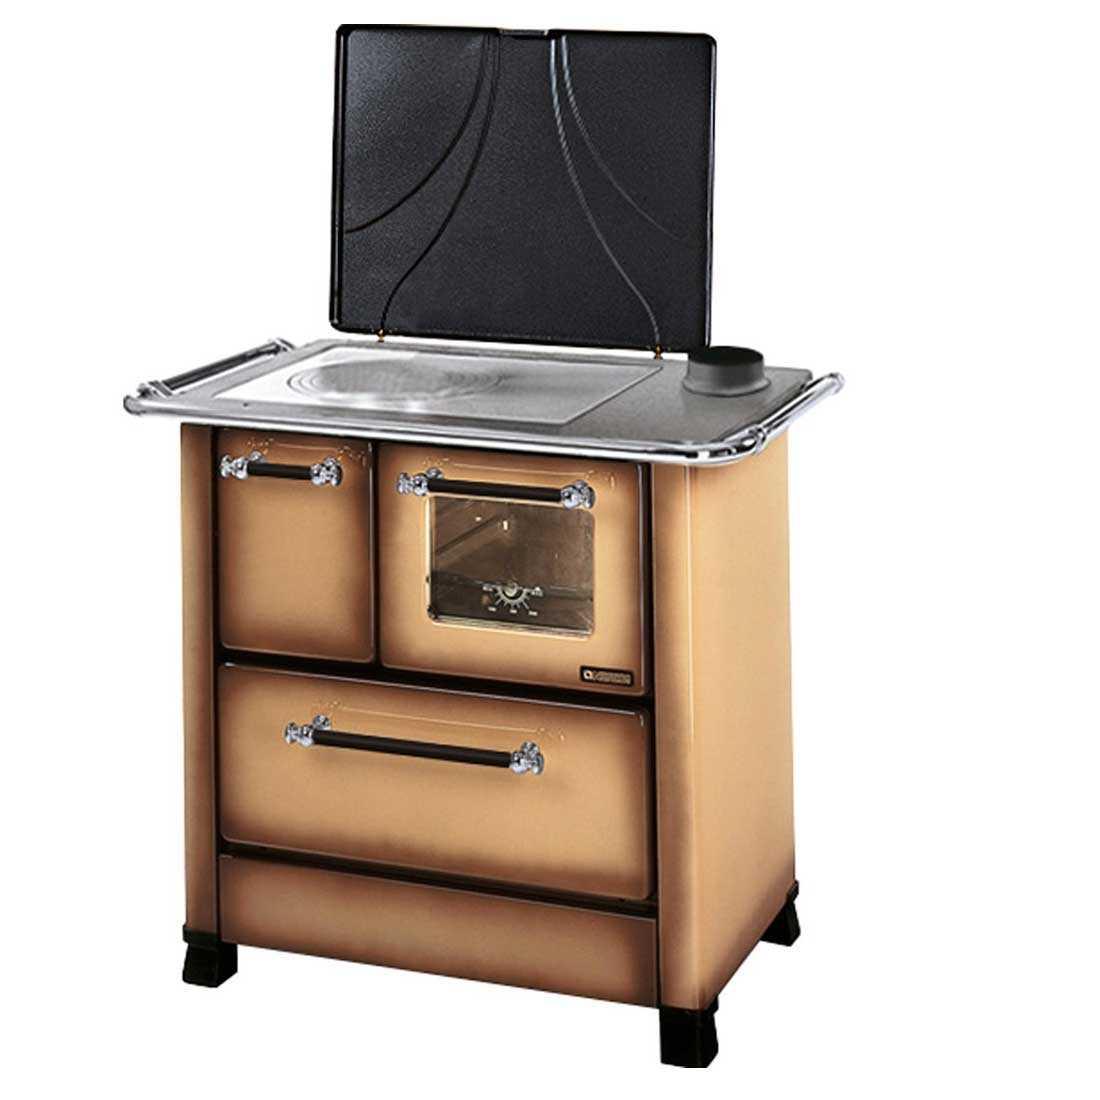 Cucina a legna marrone Nordica Romantica 3,5 potenza termica 5,0 Kw